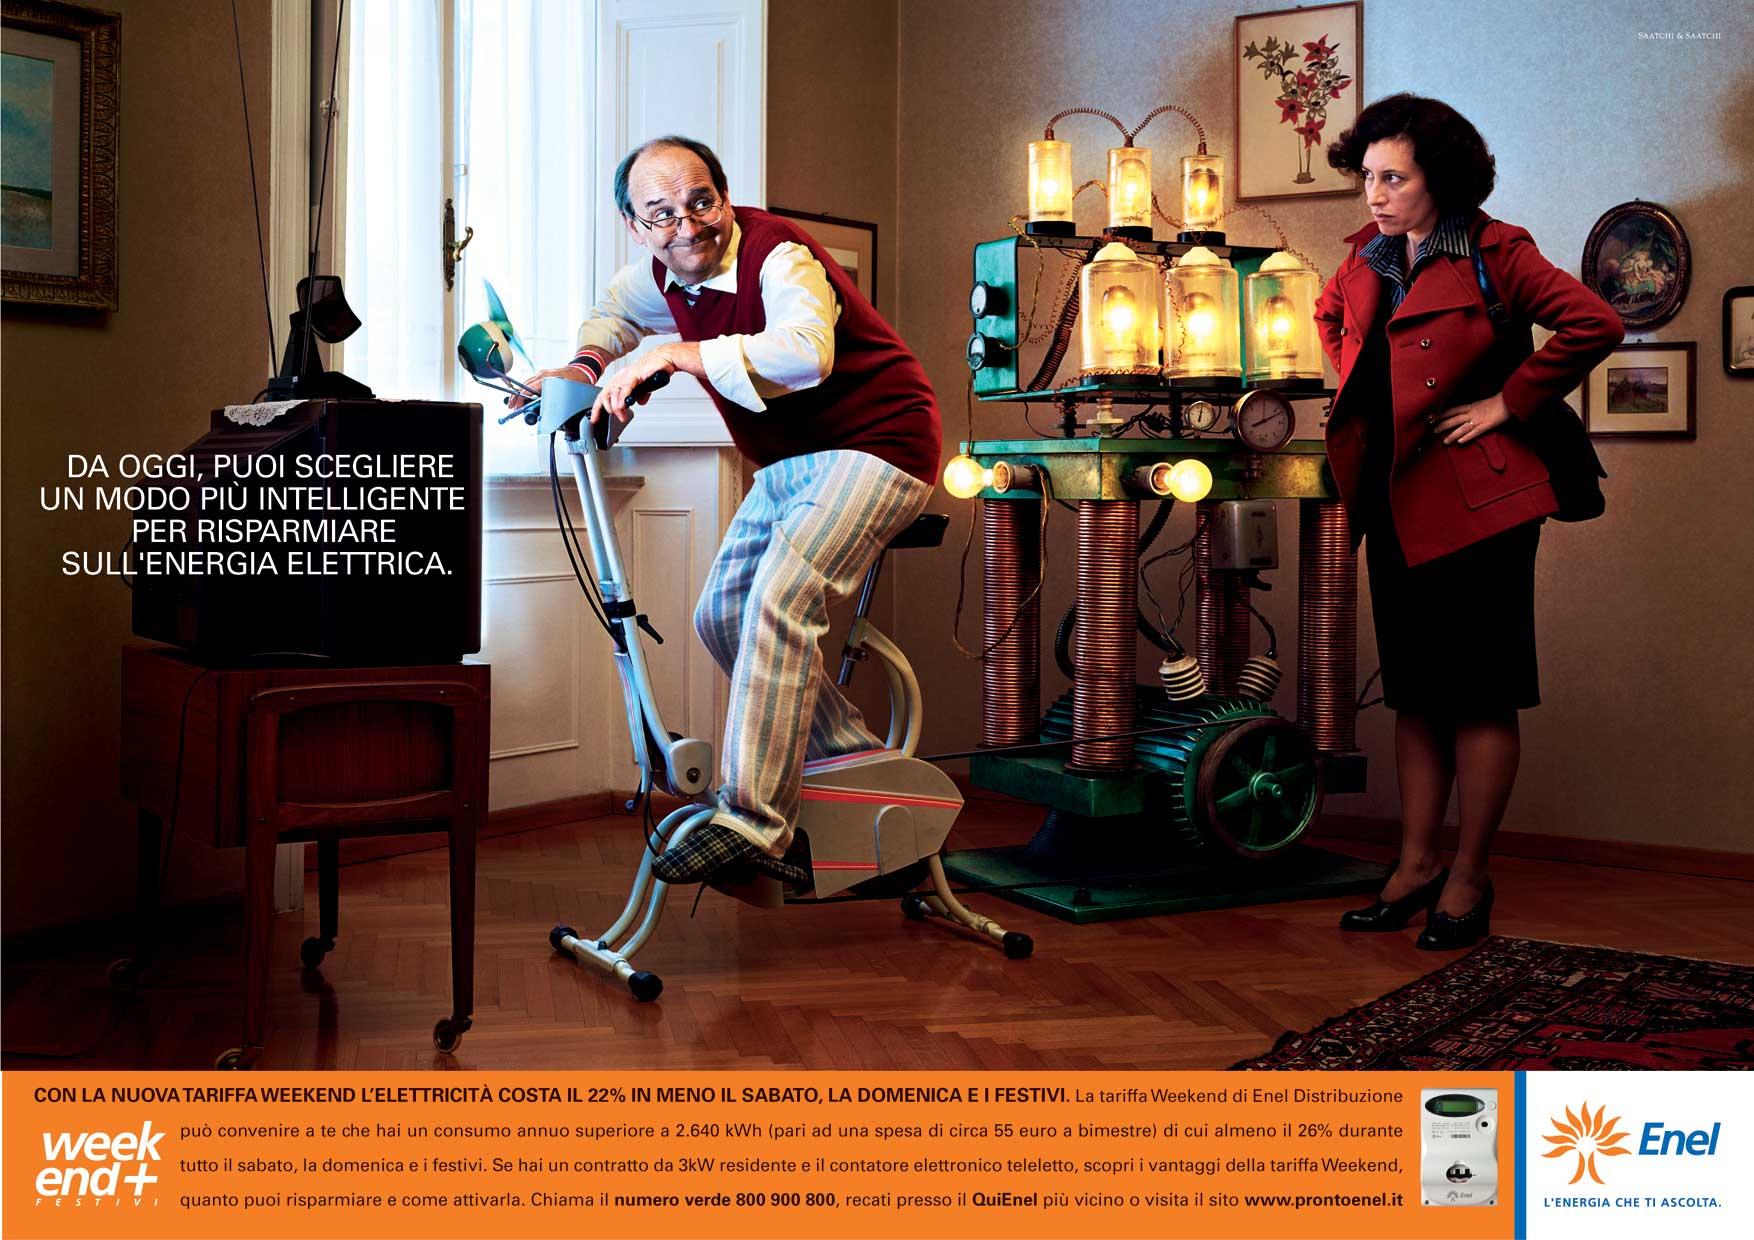 E' on air da domenica 30 gennaio la campagna   pubblicitaria di Enel, ideata dall'agenzia Saatchi & Saatchi, sulle tariffe personalizzate per il consumo di energia elettrica.